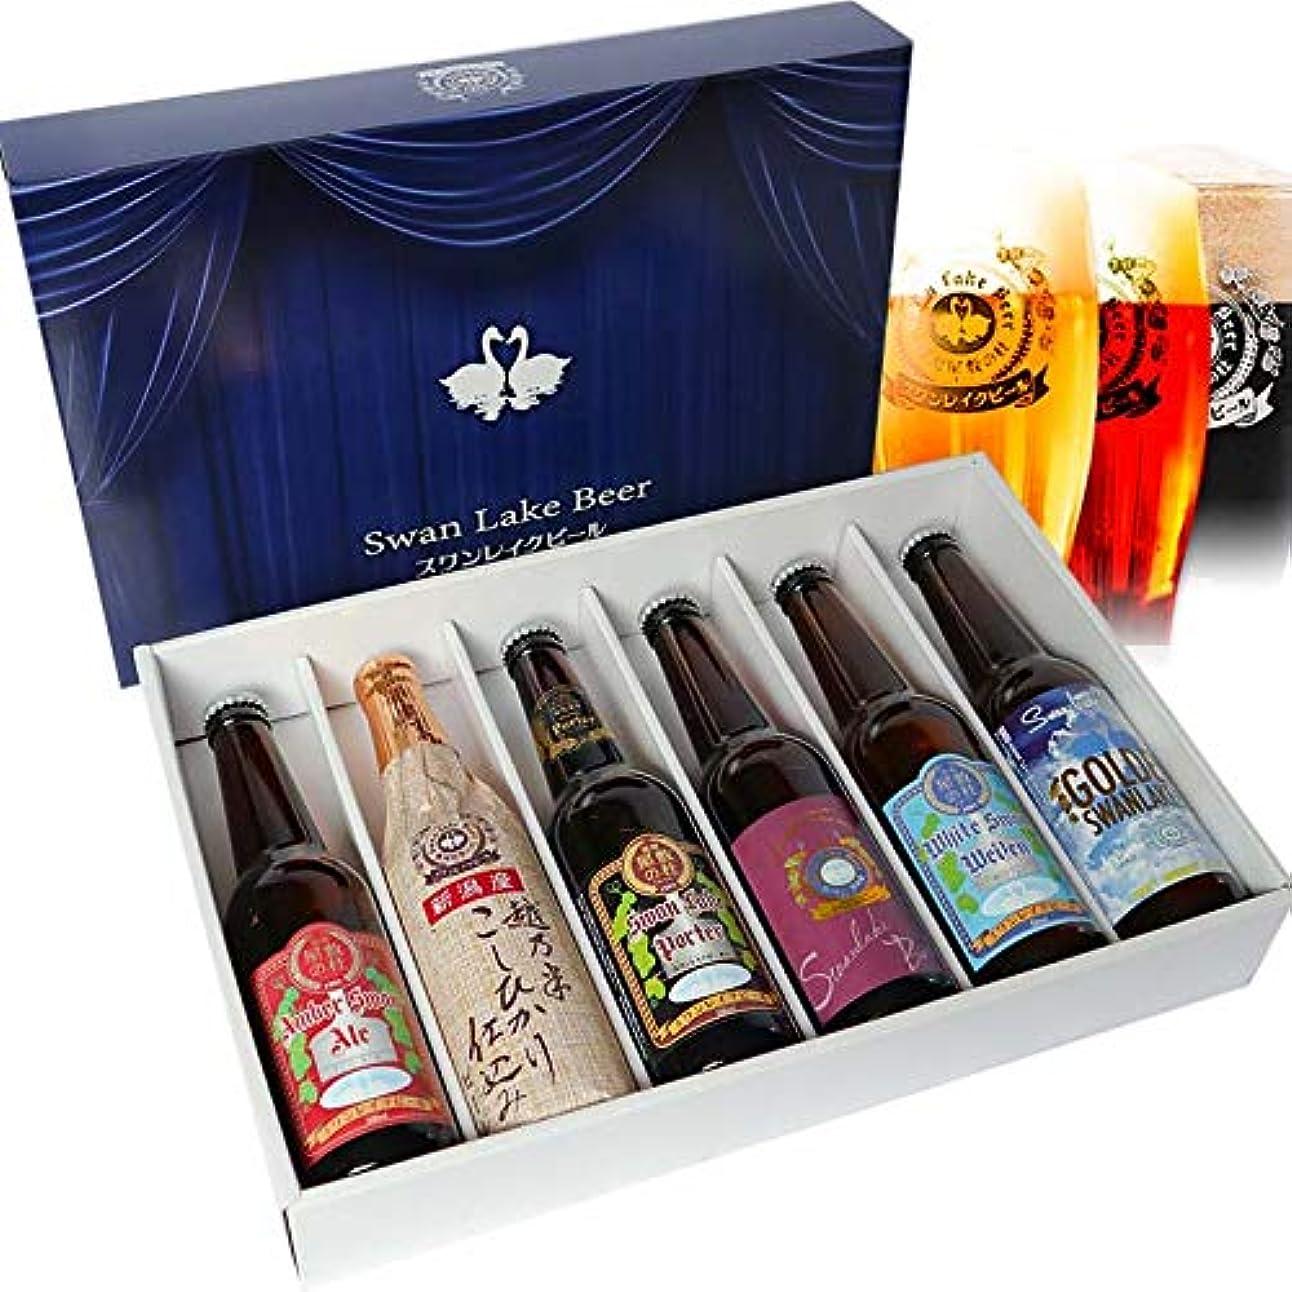 幻滅するタール稼ぐ敬老の日 プレゼント ギフト ビール クラフトビール スワンレイクビール 飲み比べ6本 (スワンレイクバーレイ入り)